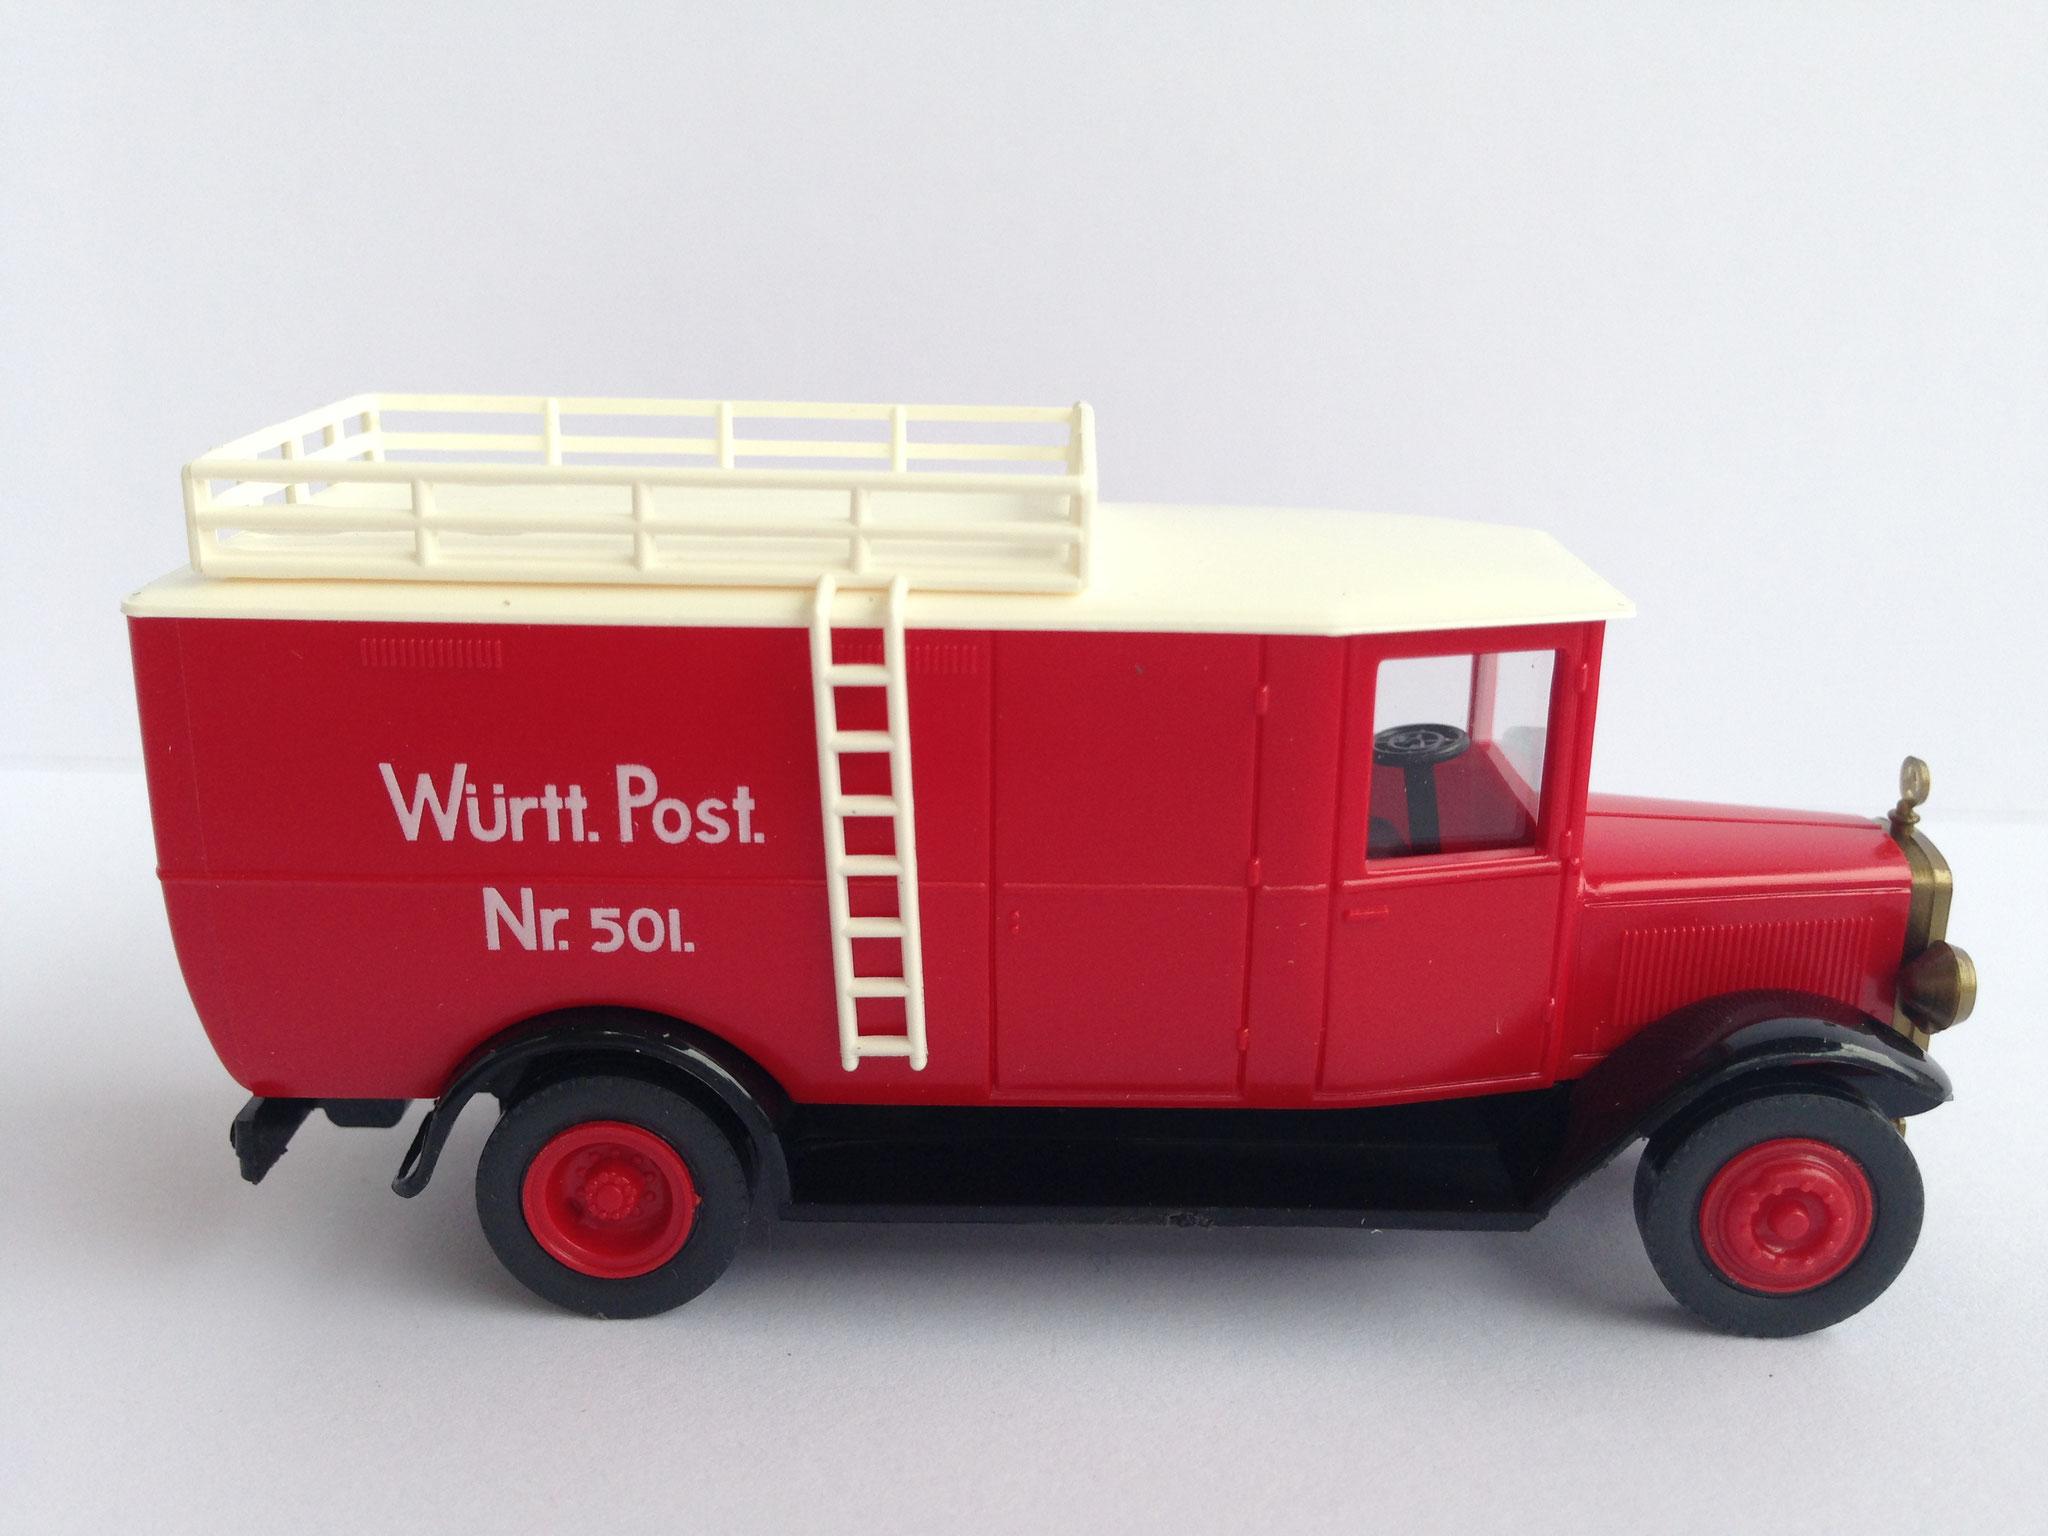 Mercedes L2 Kastenwagen Württ. Post, rot, Art. Nr. 264.01 (von Wiking ab 1997 unter dem Label Roskopf im Programm)